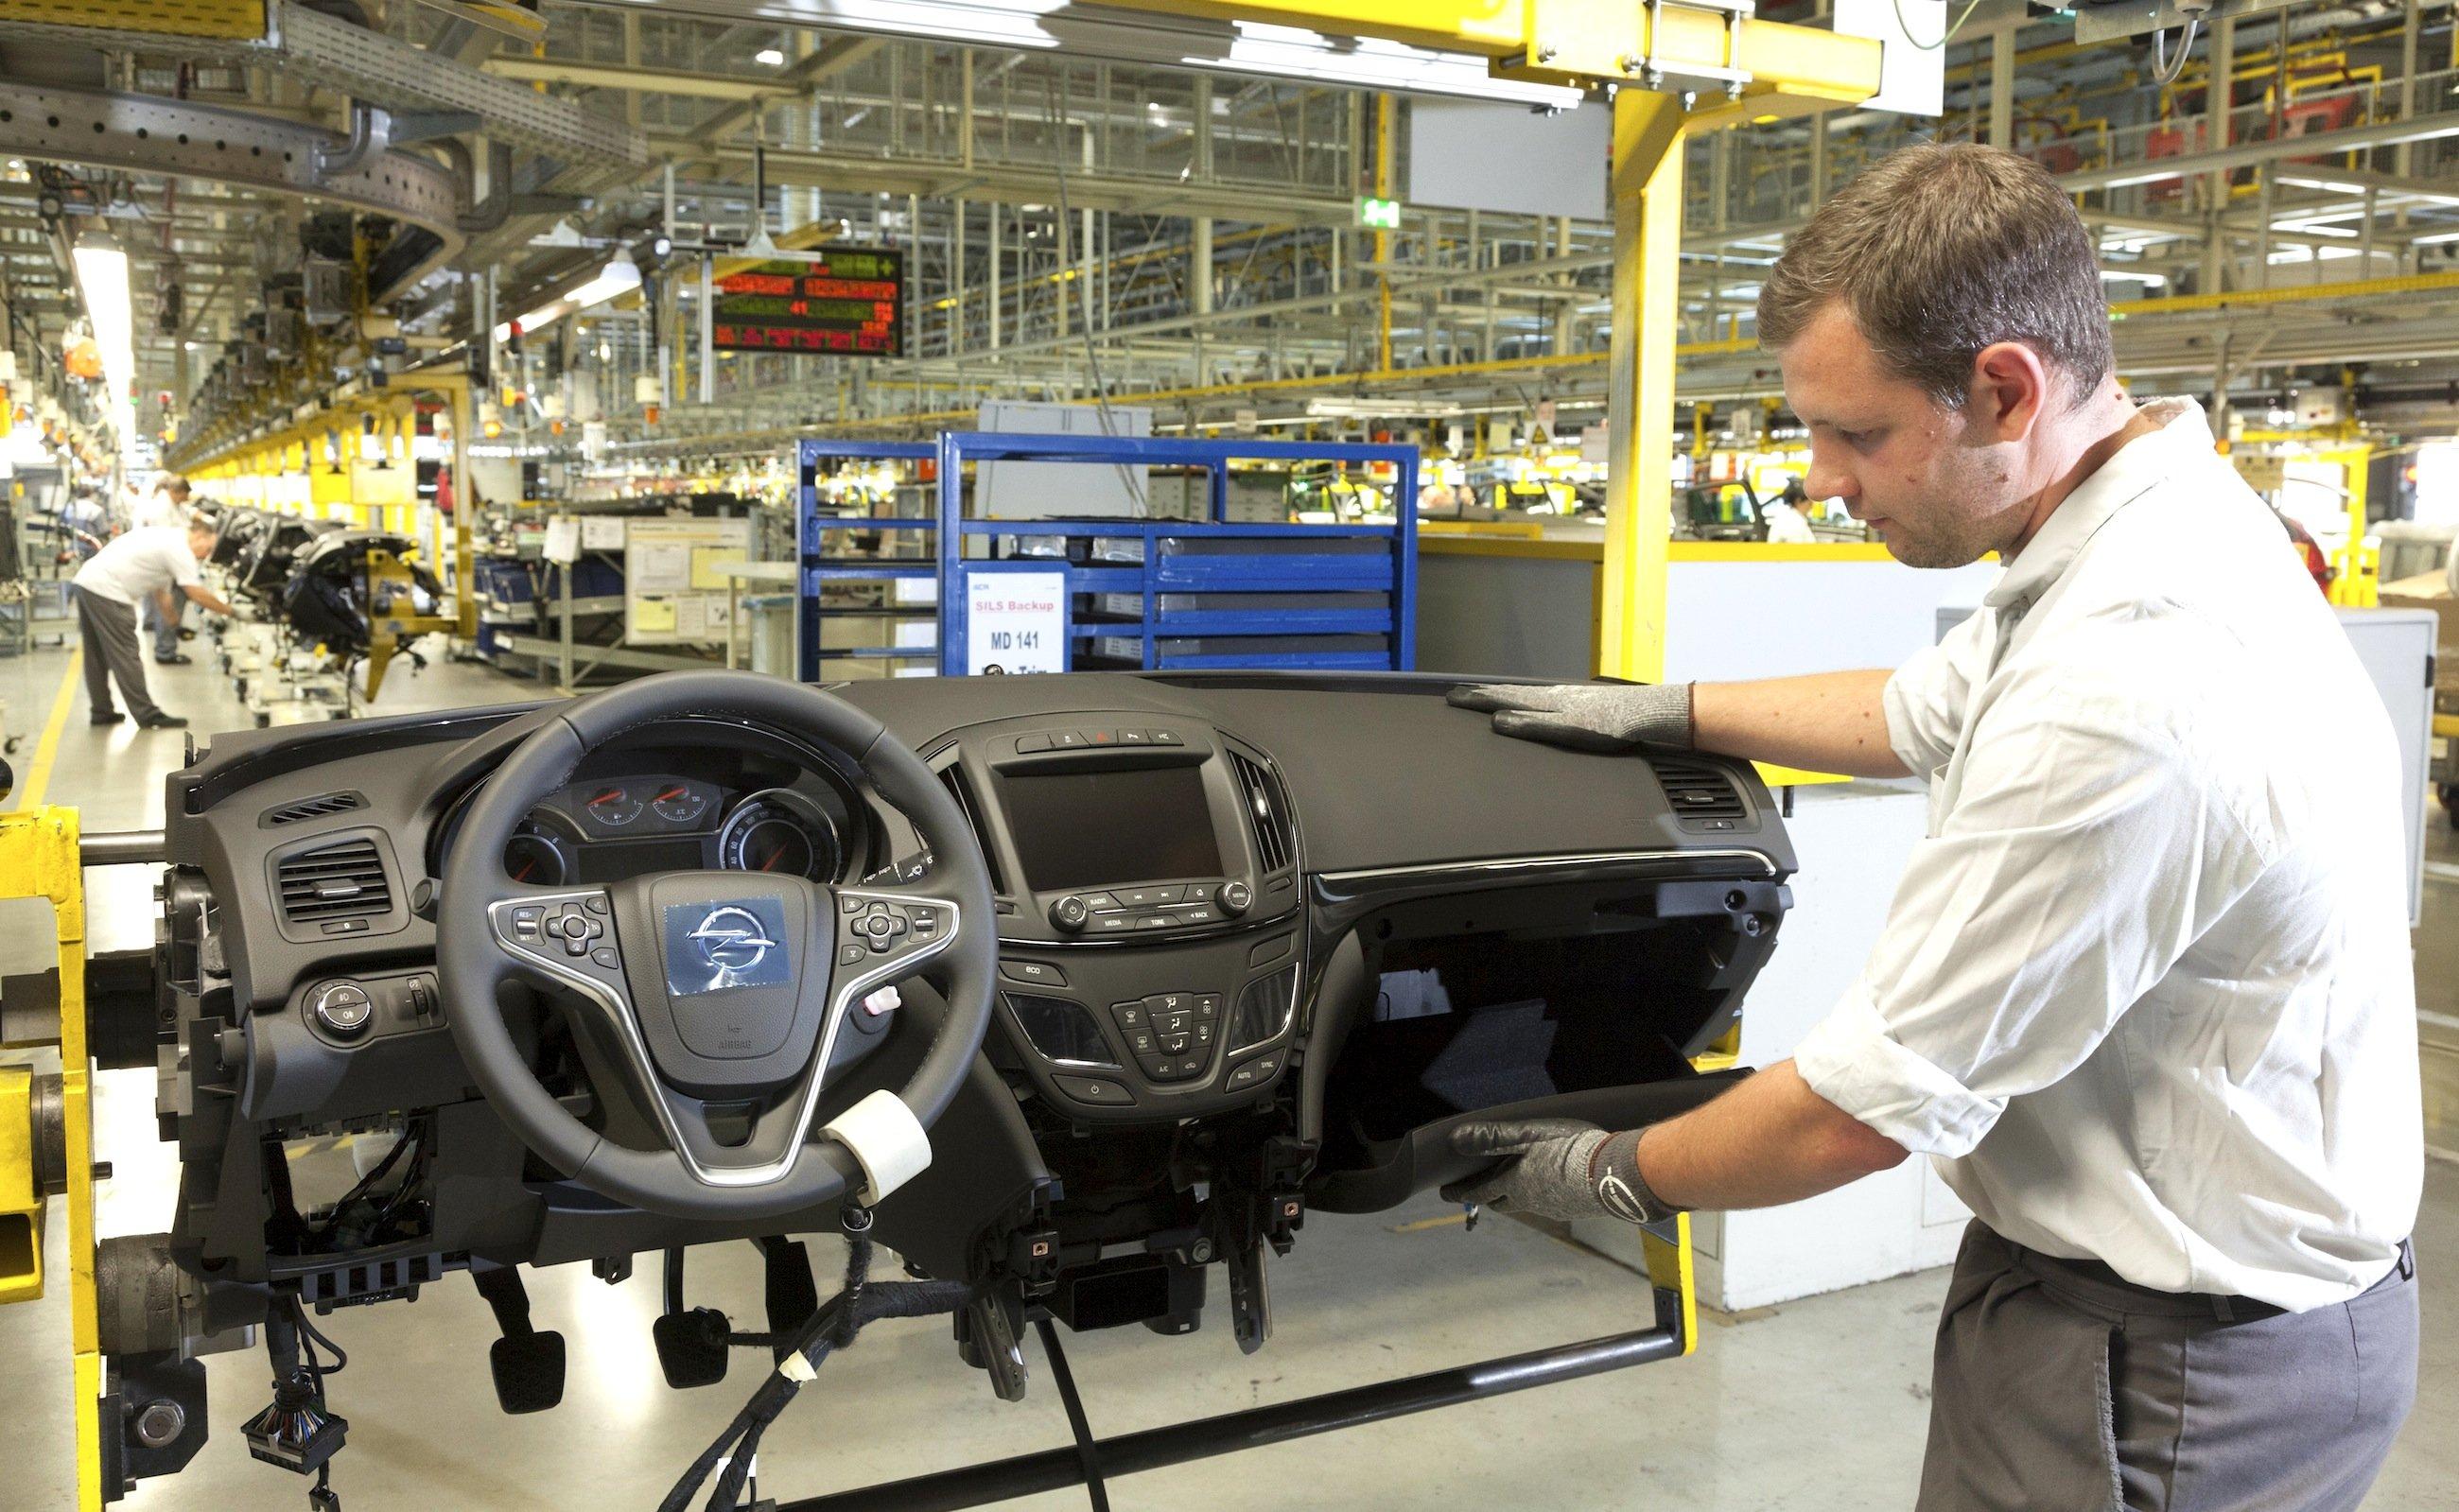 Produktion des Opel Insignia im Werk Rüsselsheim: In Deutschland wurden im vergangenen Jahr 3,04 Millionen Neuwagen zugelassen.